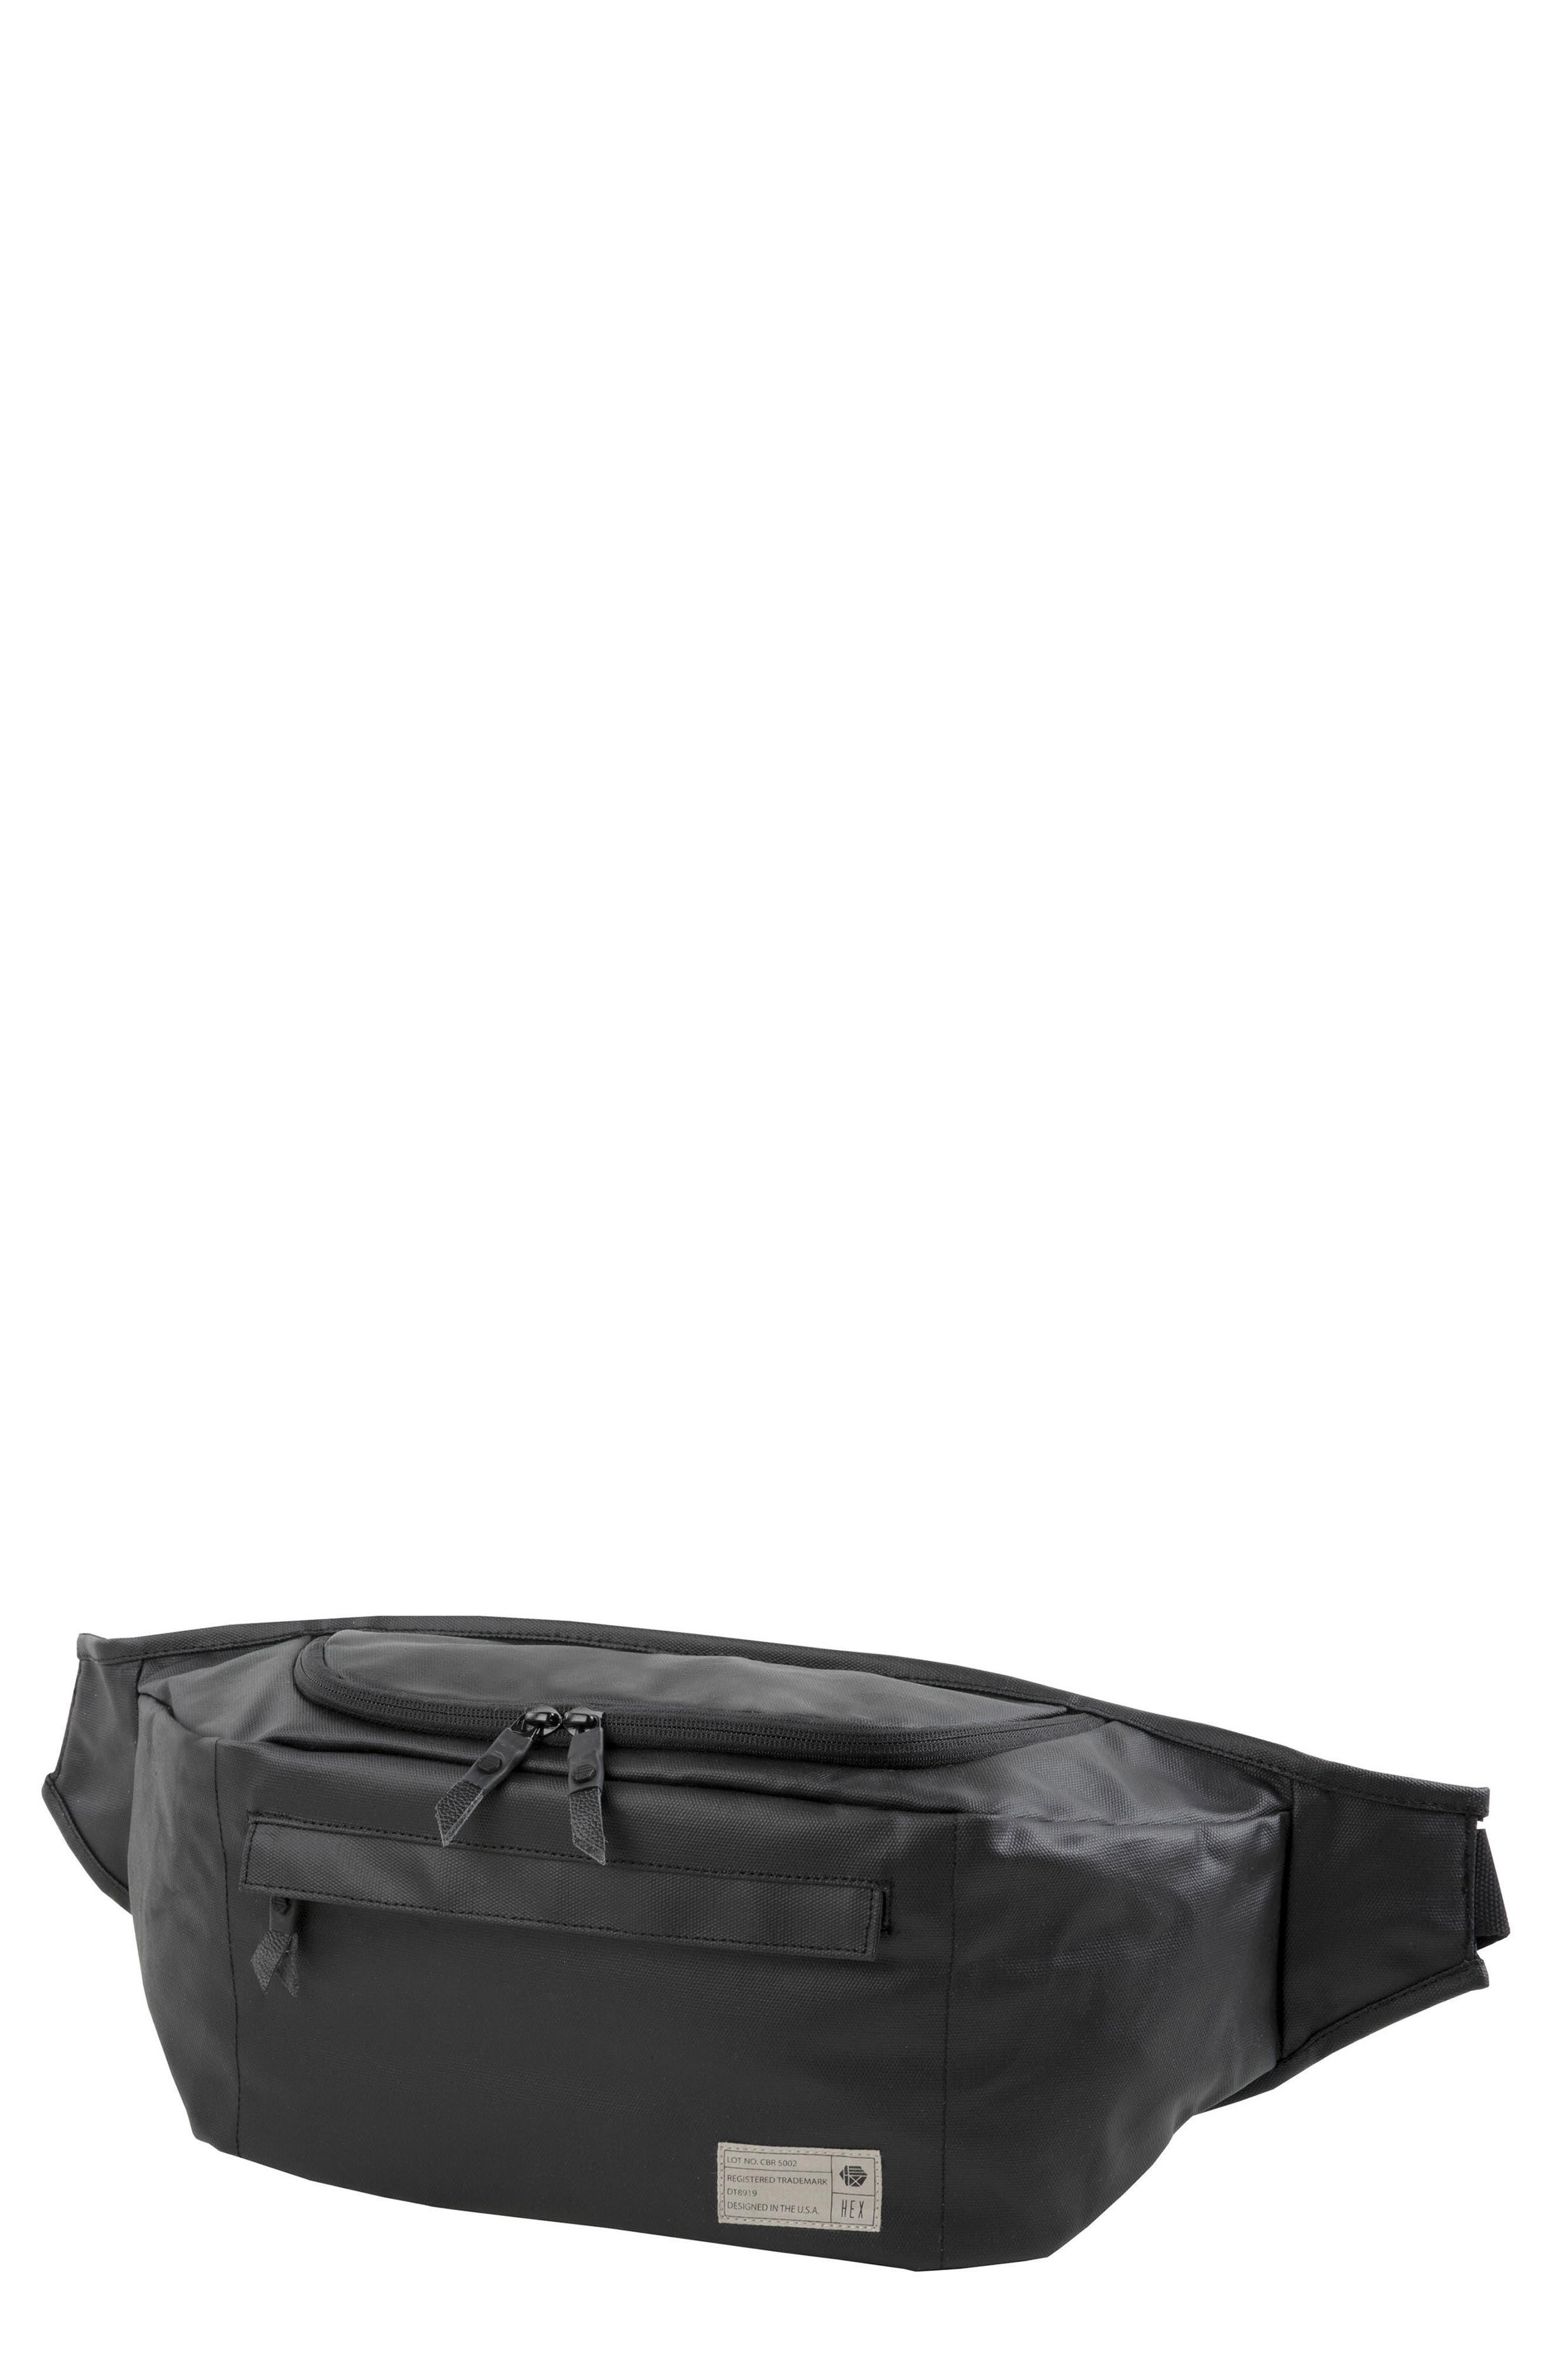 Calibre Sneaker Sling Pack,                         Main,                         color, 001